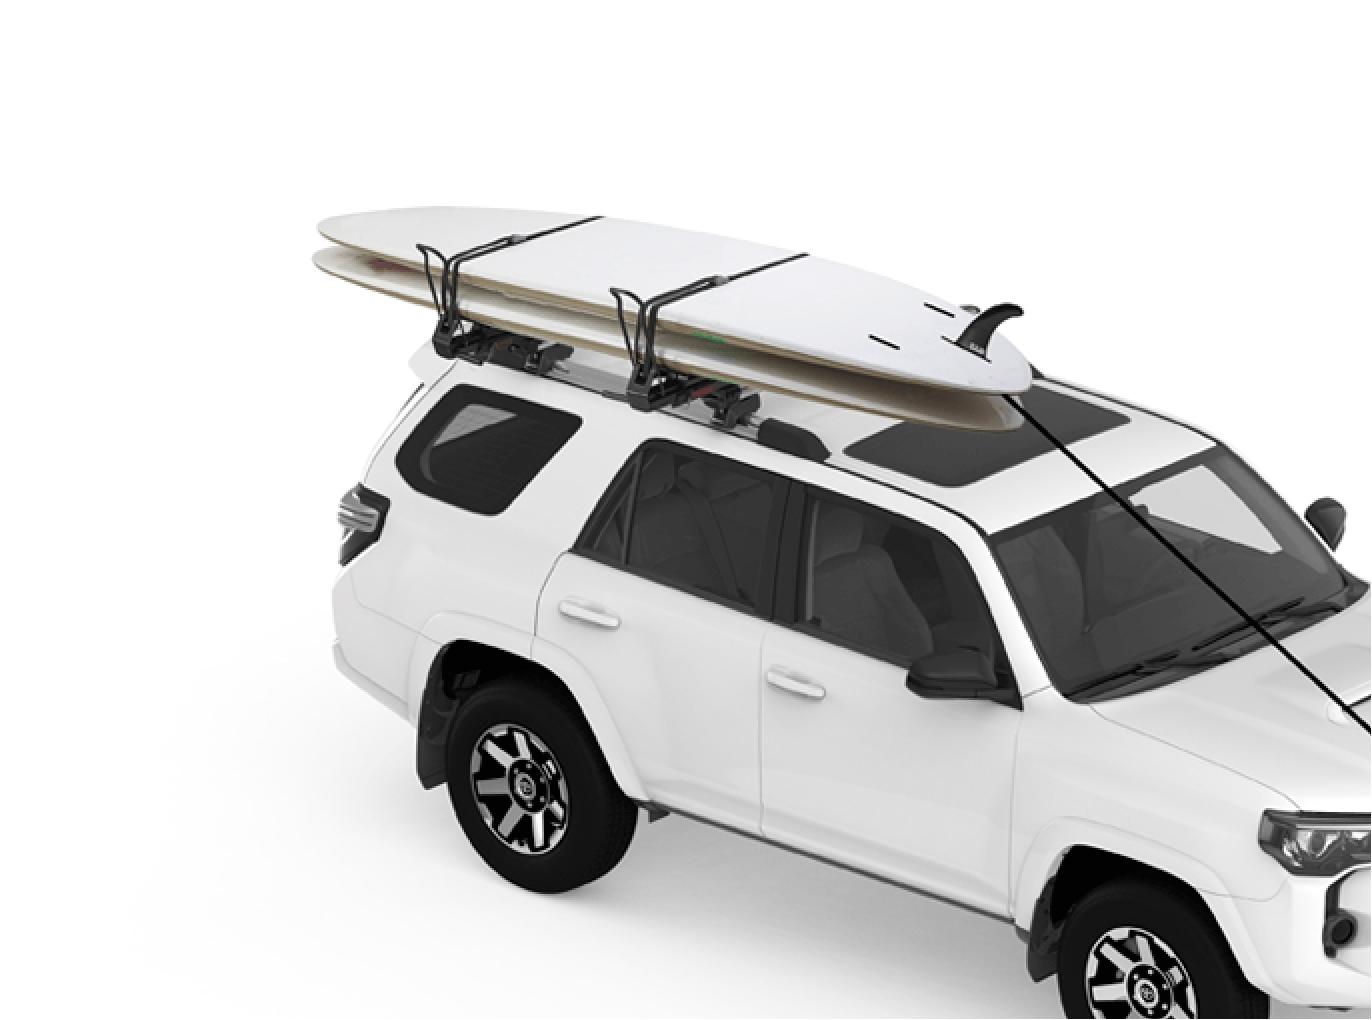 Used Kayak Racks for Trucks Demo Showdown Side Loading Sup and Kayak Carrier Modula Racks